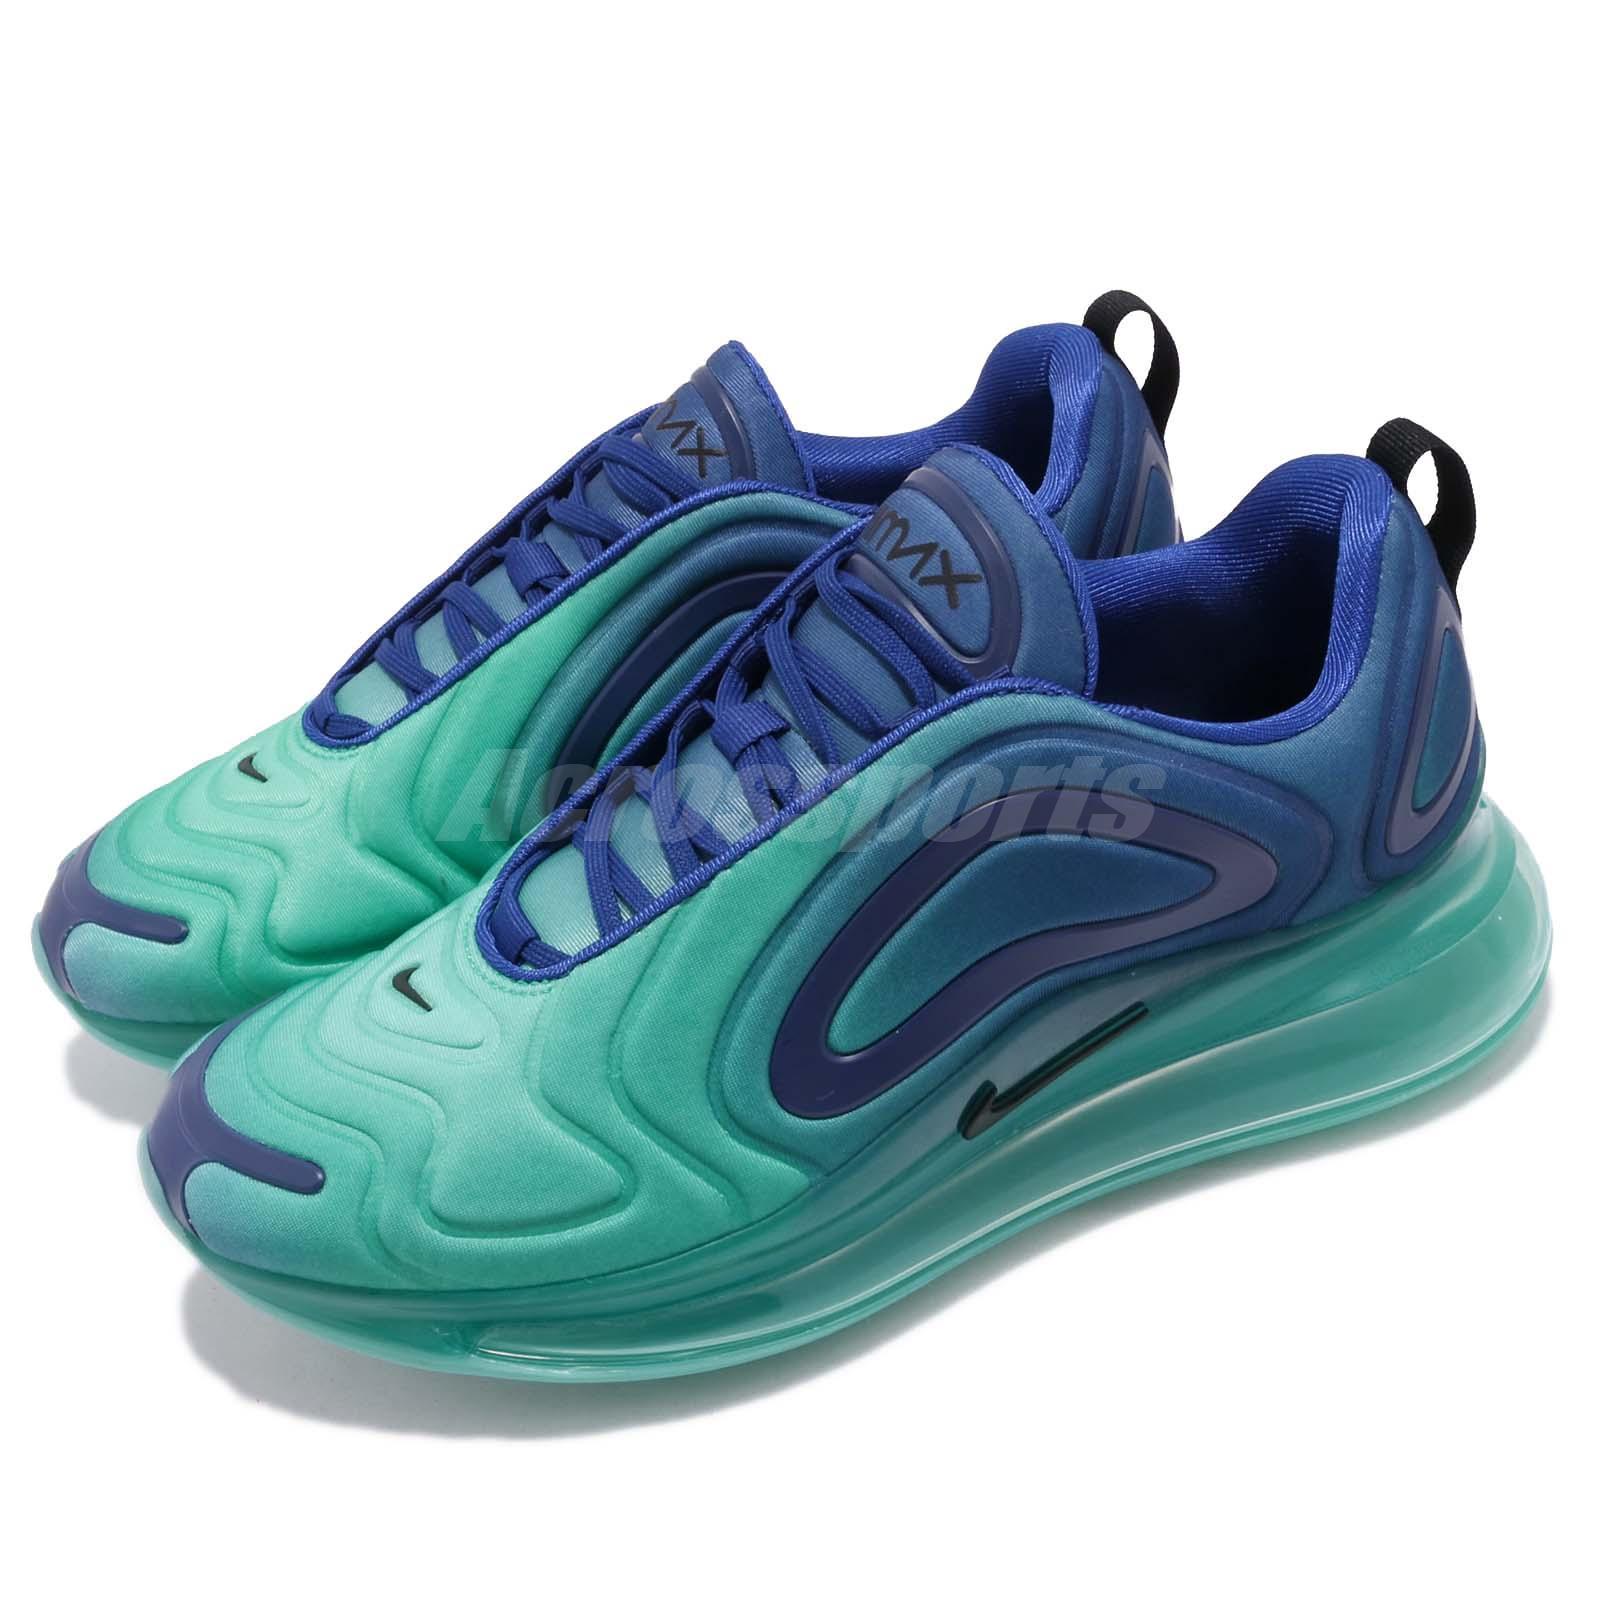 blue nike air shoes